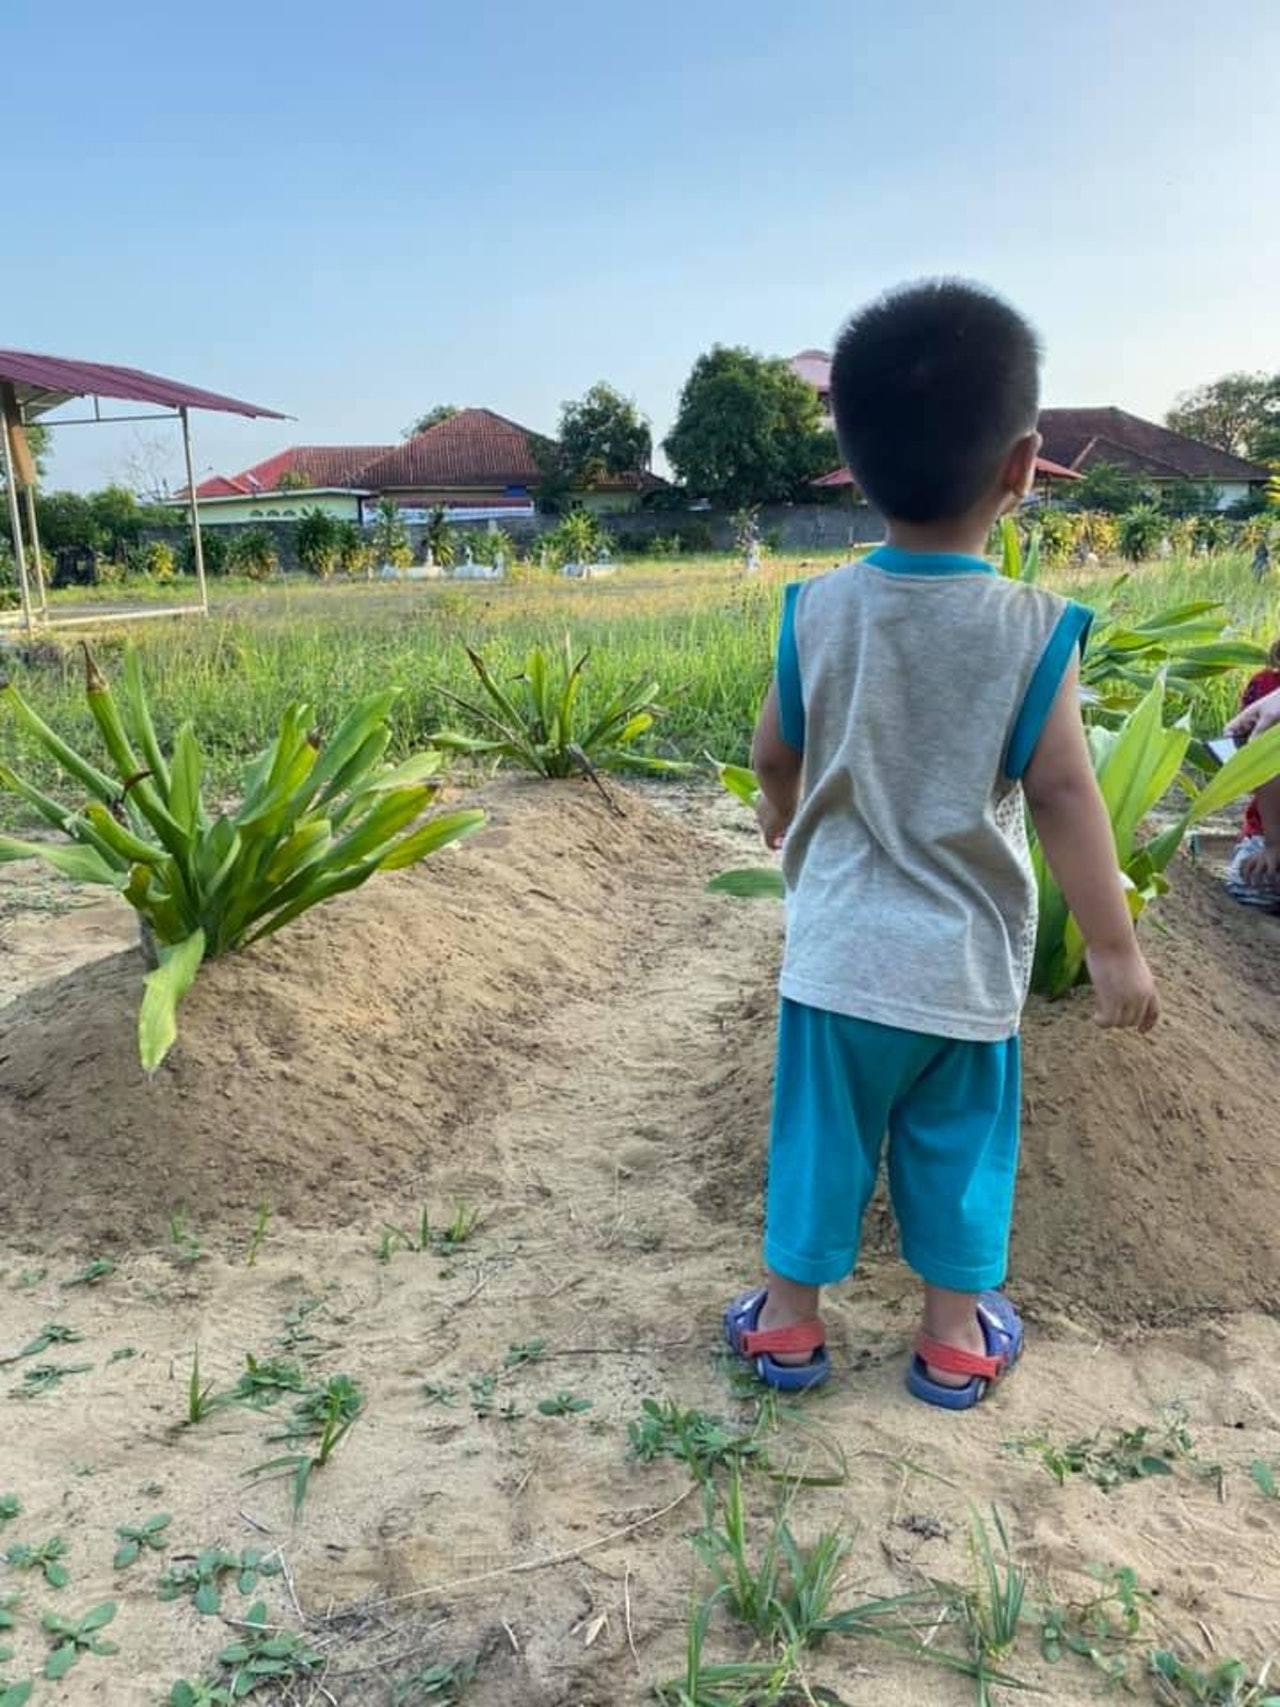 阿凡的父母在10月29日於吉隆坡騎電單車時不幸發生車禍,兩人命喪黃泉,2歲的阿凡...